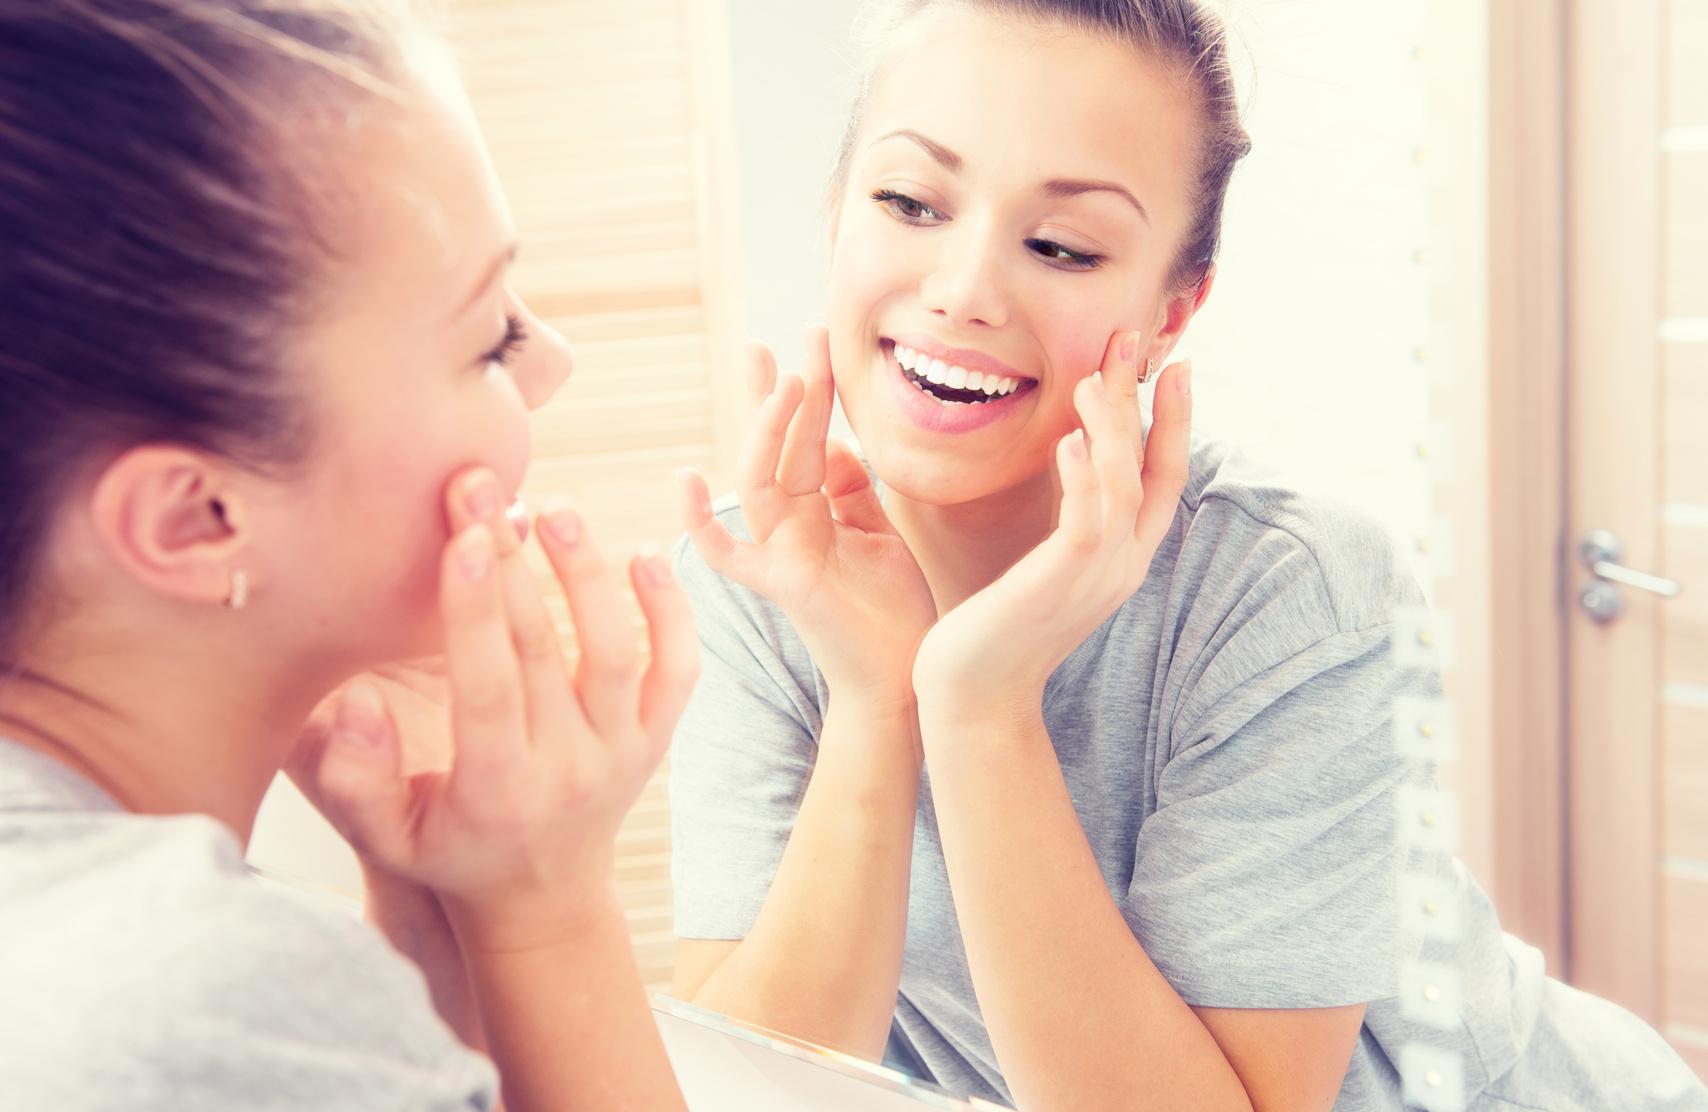 Ako volite svoju kožu, onda je i njegujte :  10 Savjeta za njegu kože koje morate znati